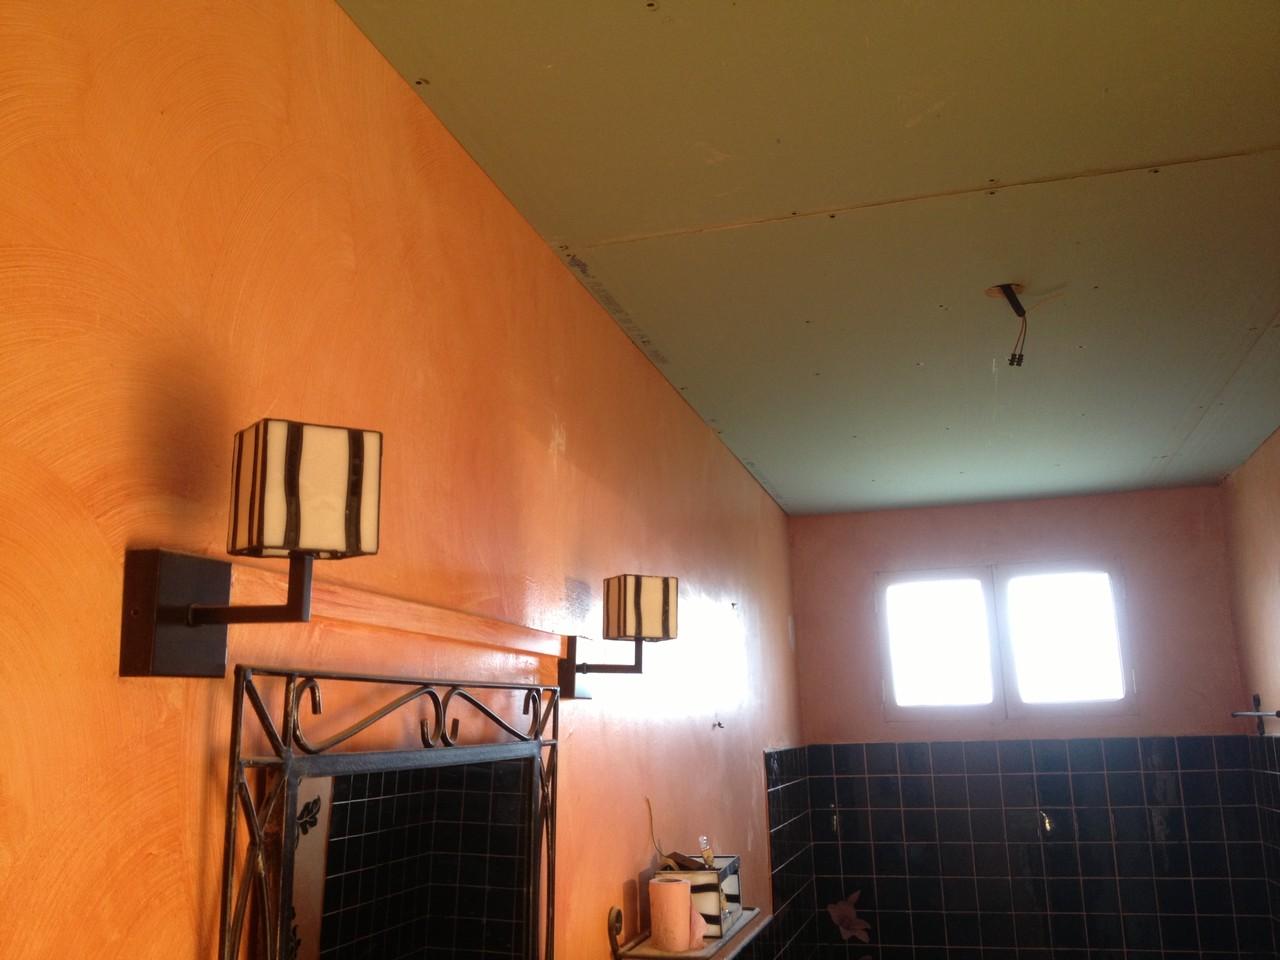 Rénovation d'un plafond de salle de bain